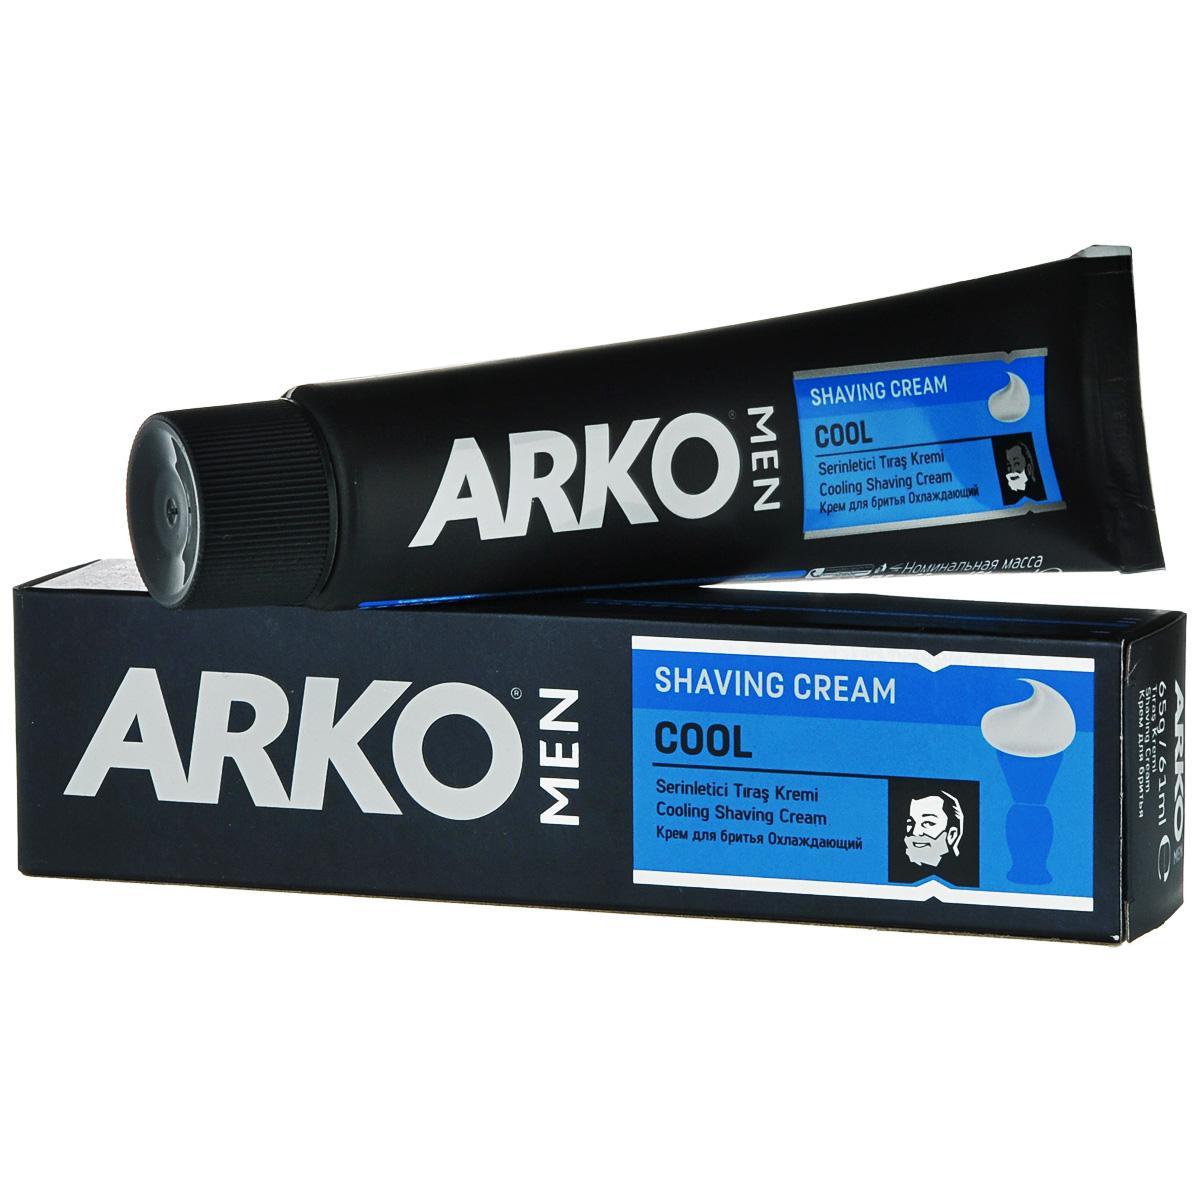 Arko MEN Крем для бритья Cool 65г800520411Экономичное традиционное средство для бритья. Благодаря натуральным смягчающим компонентам оказывает увлажняющее и освежающее действие на кожу.